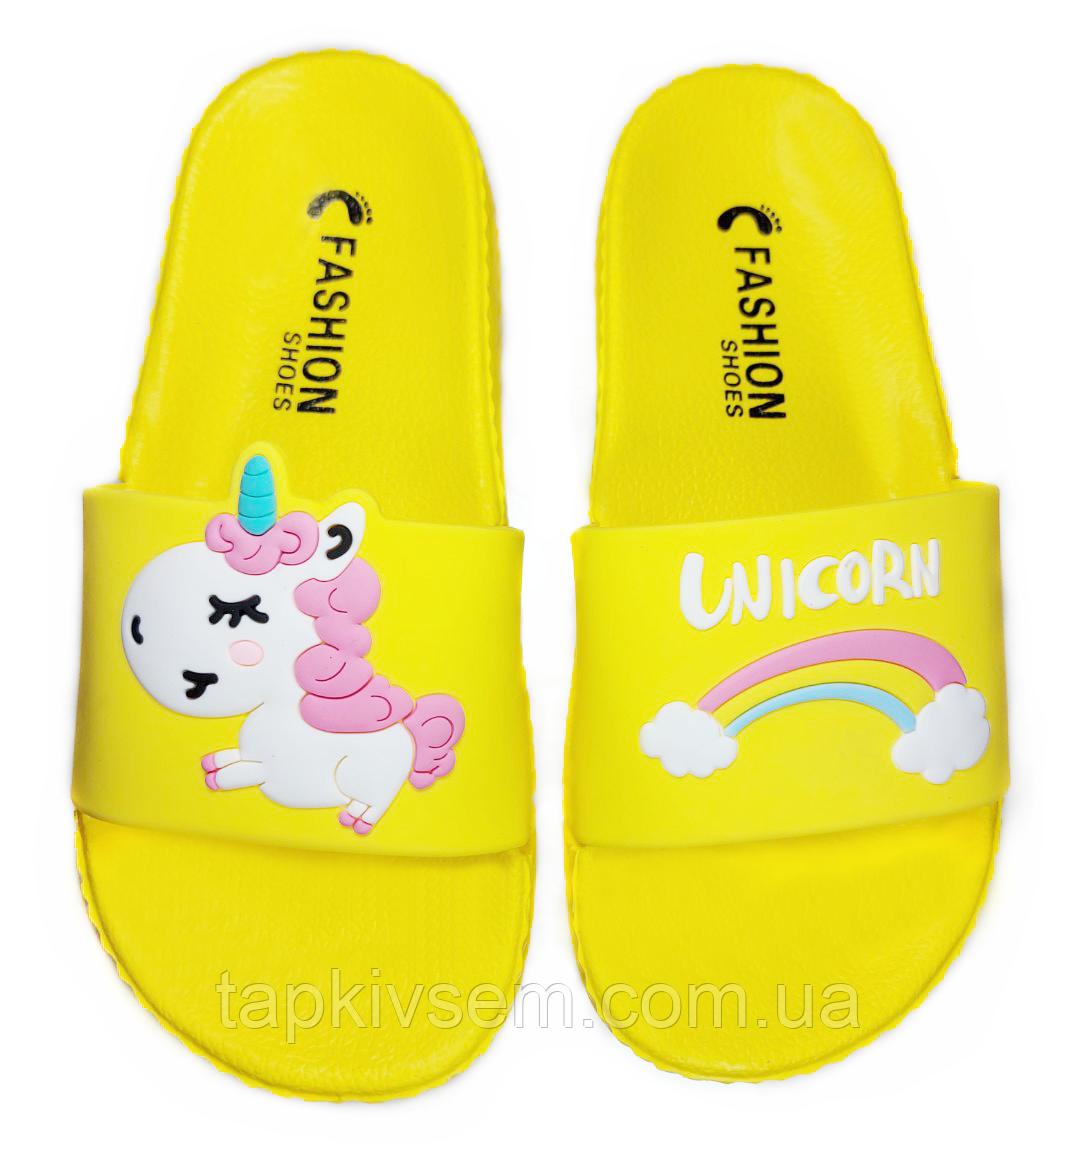 Тапочки детские пляжные UNICORN (лимон) 31 размер